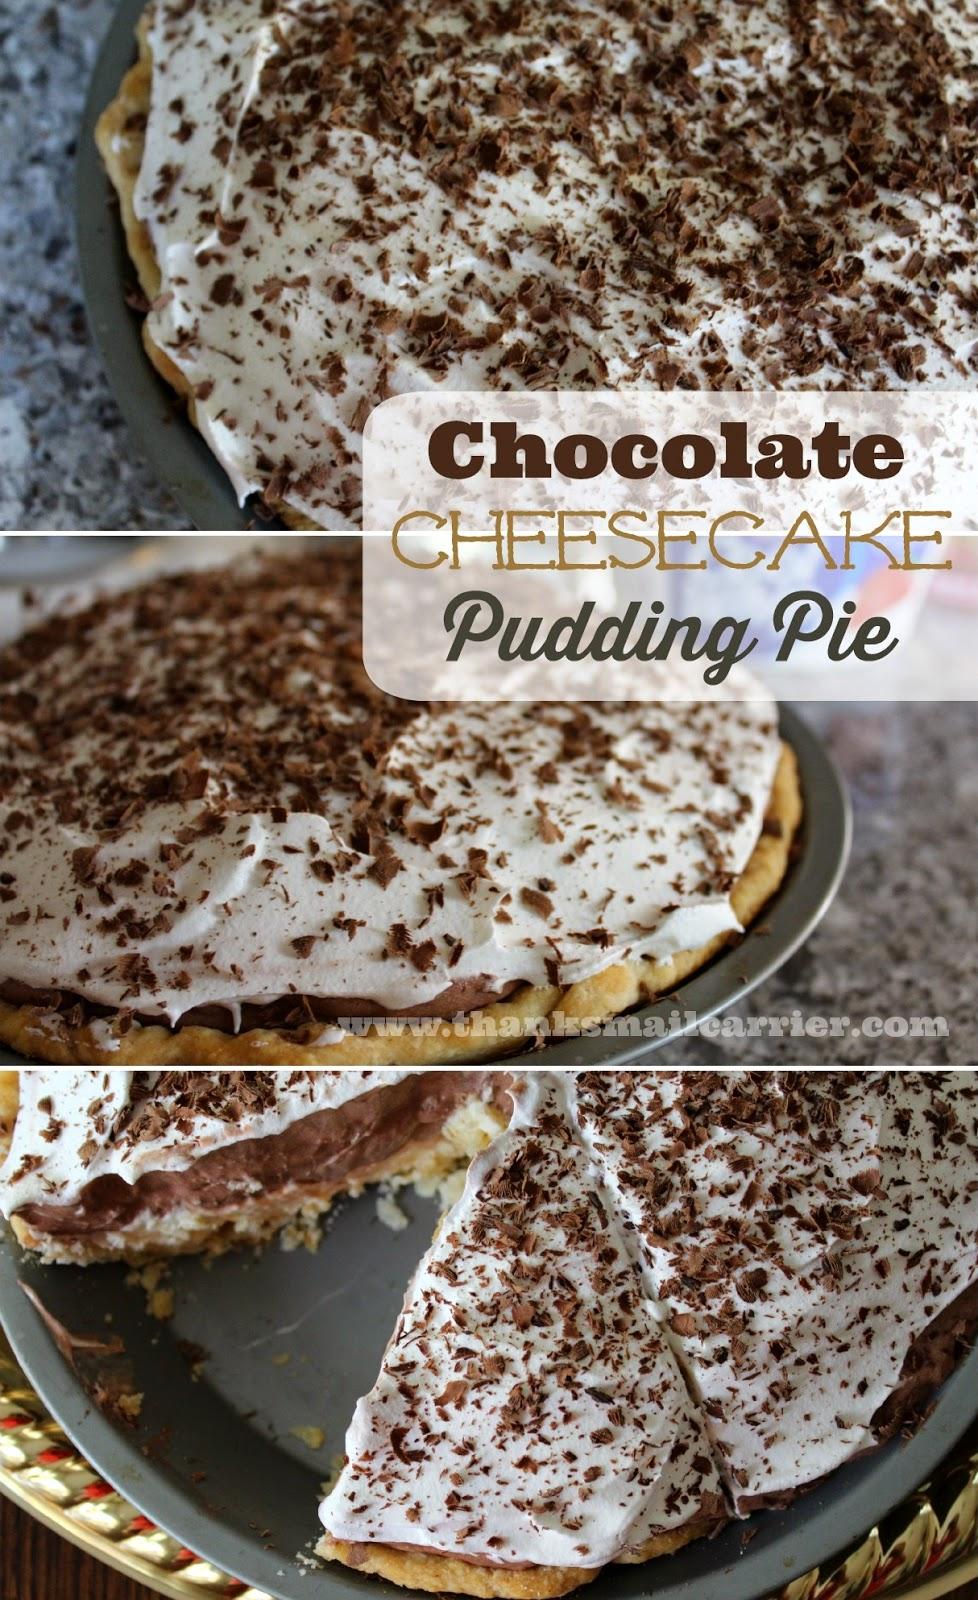 Chocolate Cheesecake Pudding Pie